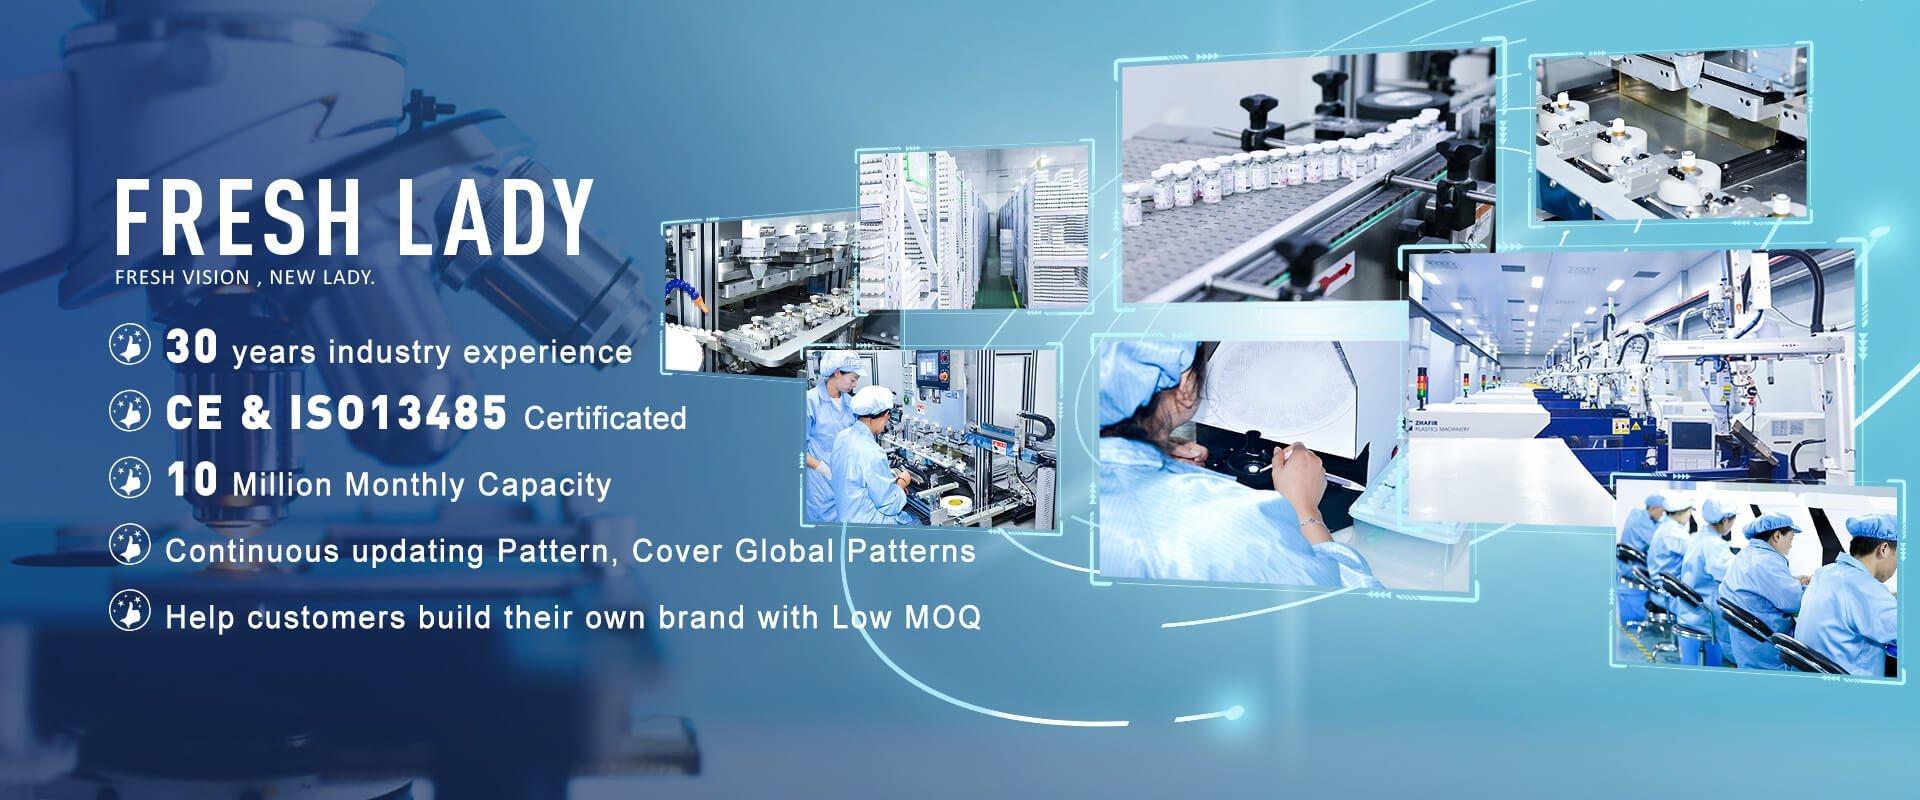 contact lense manufacturer